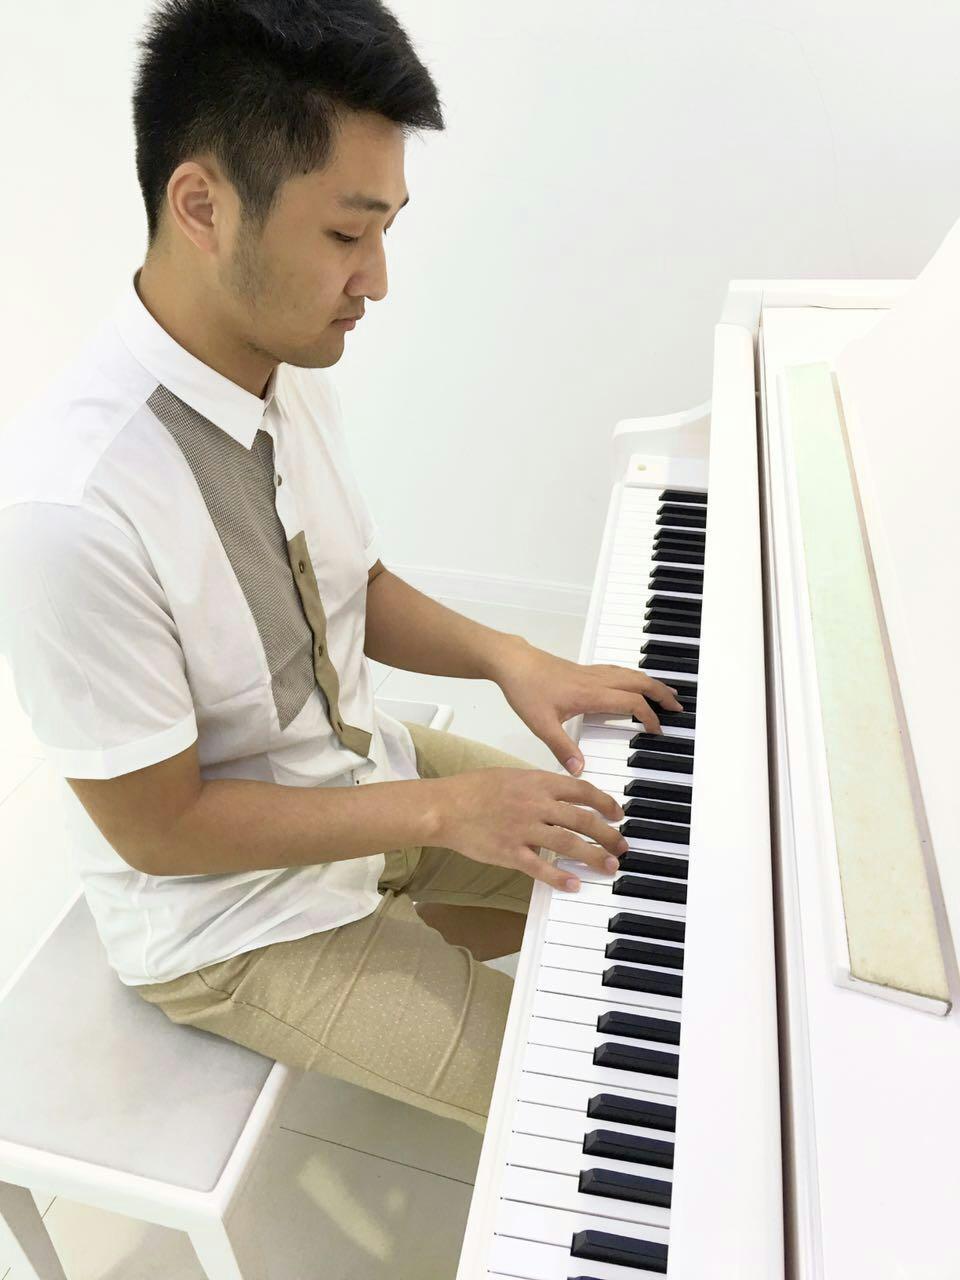 姜创钢琴的个人空间